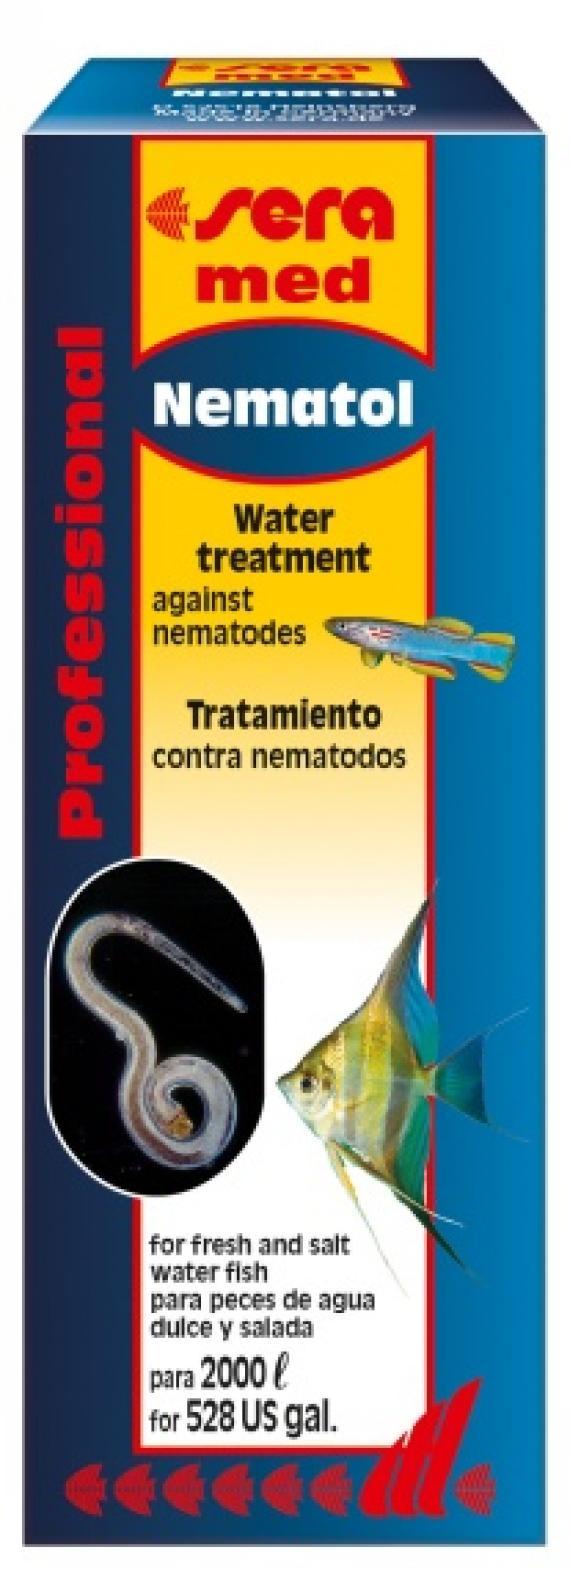 Сера 2204 Nematol Средство д/аквариумной воды 50мл, 82061